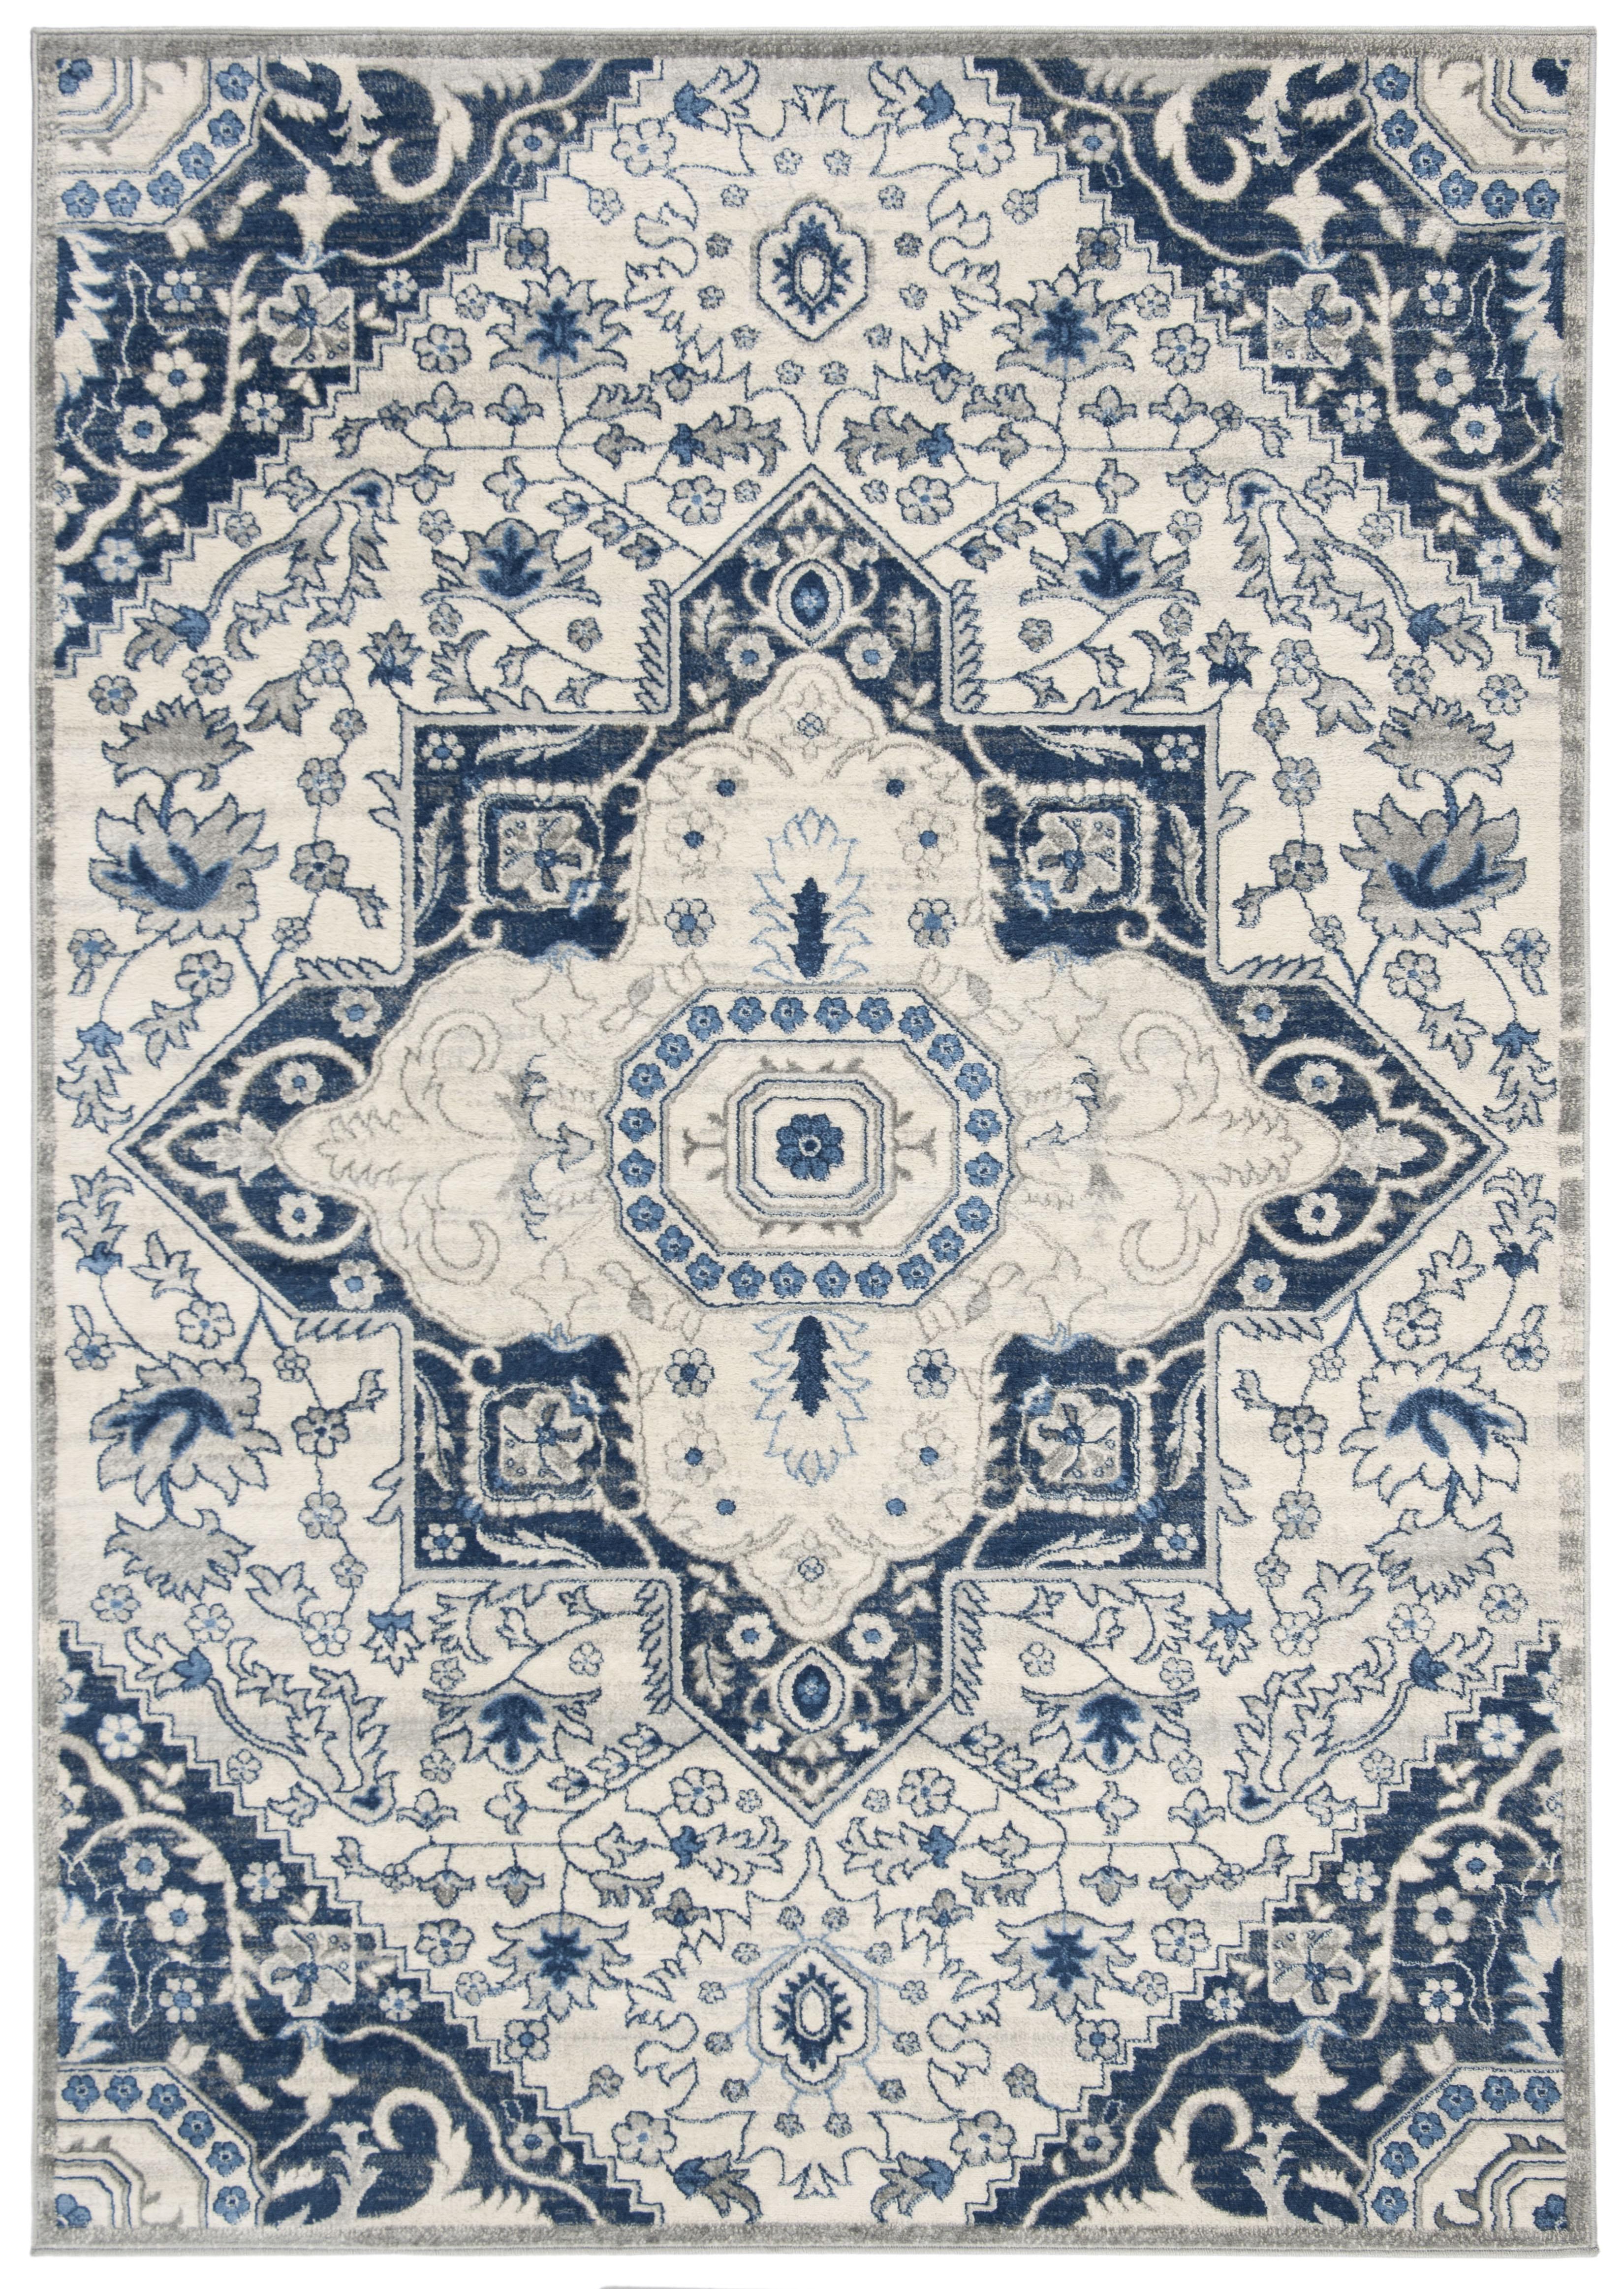 Tapis de salon classique crème et bleu 120x180